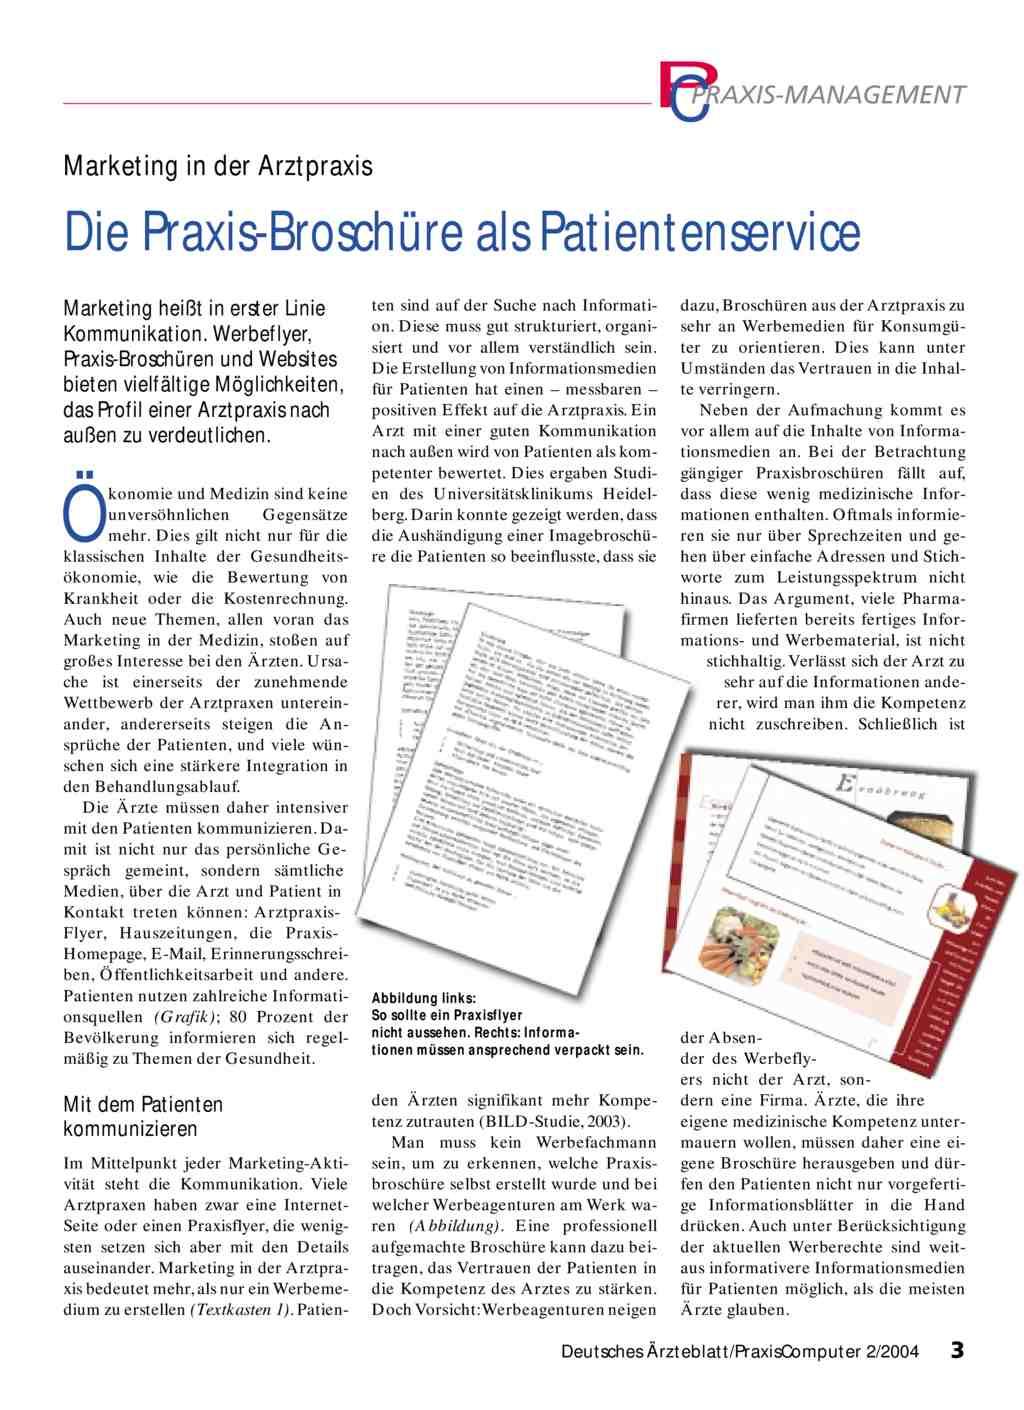 Marketing in der Arztpraxis: Die Praxis-Broschüre als Patientenservice